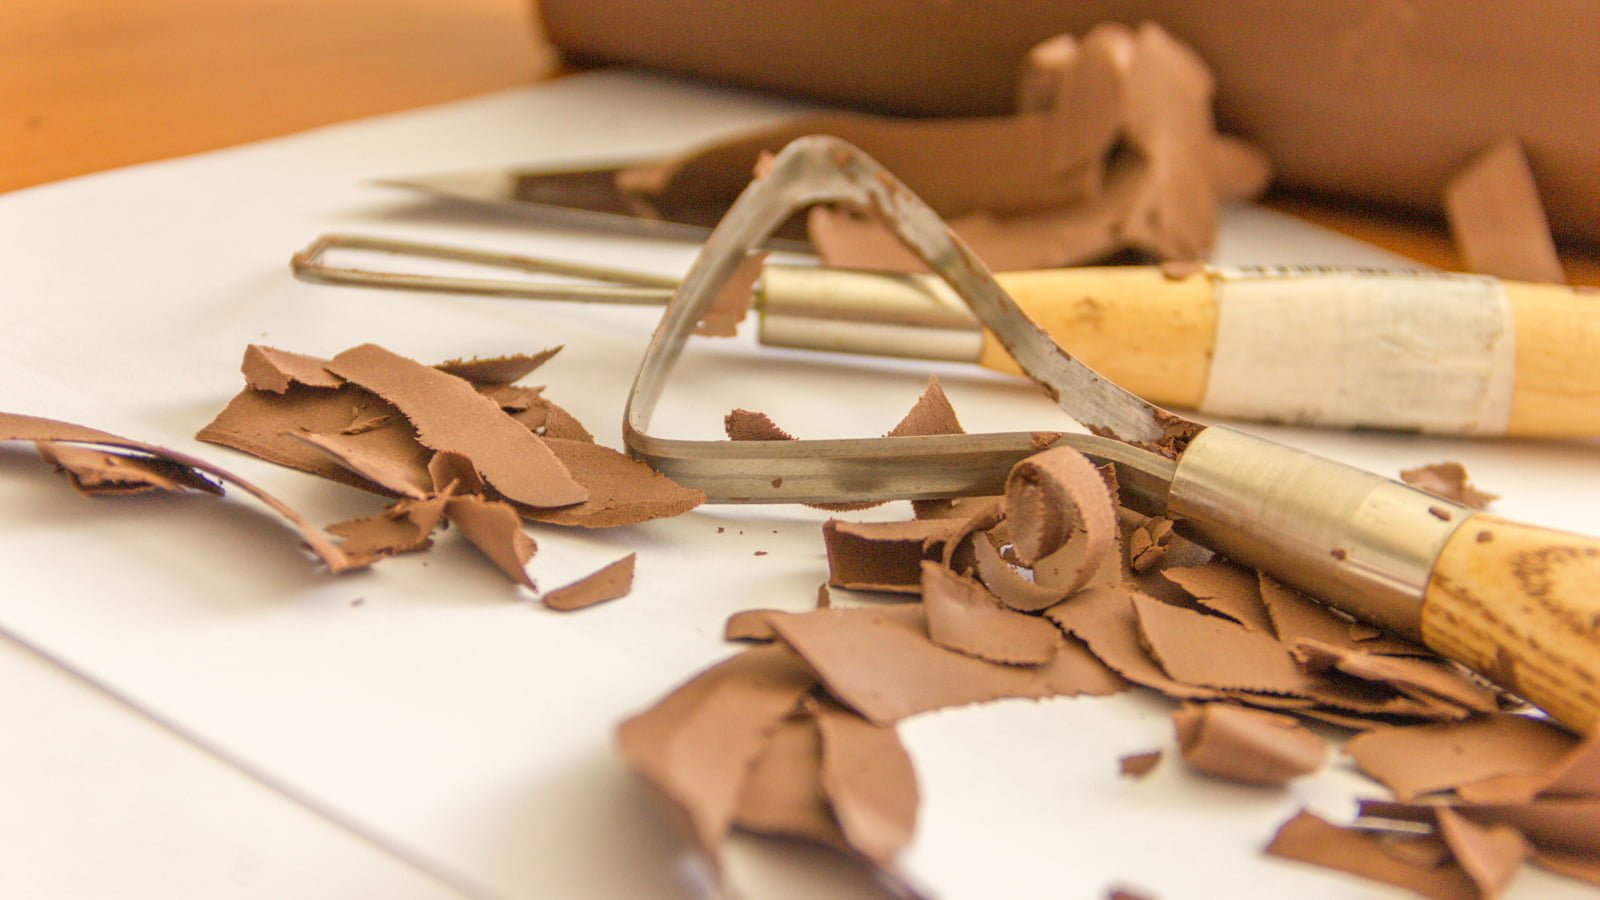 Consistencia perfecta, Nuestra Arcilla, Claying mx, pasión por el diseño, herramientas de modelado, diseño industrial, diseño automotriz, artes plásticas